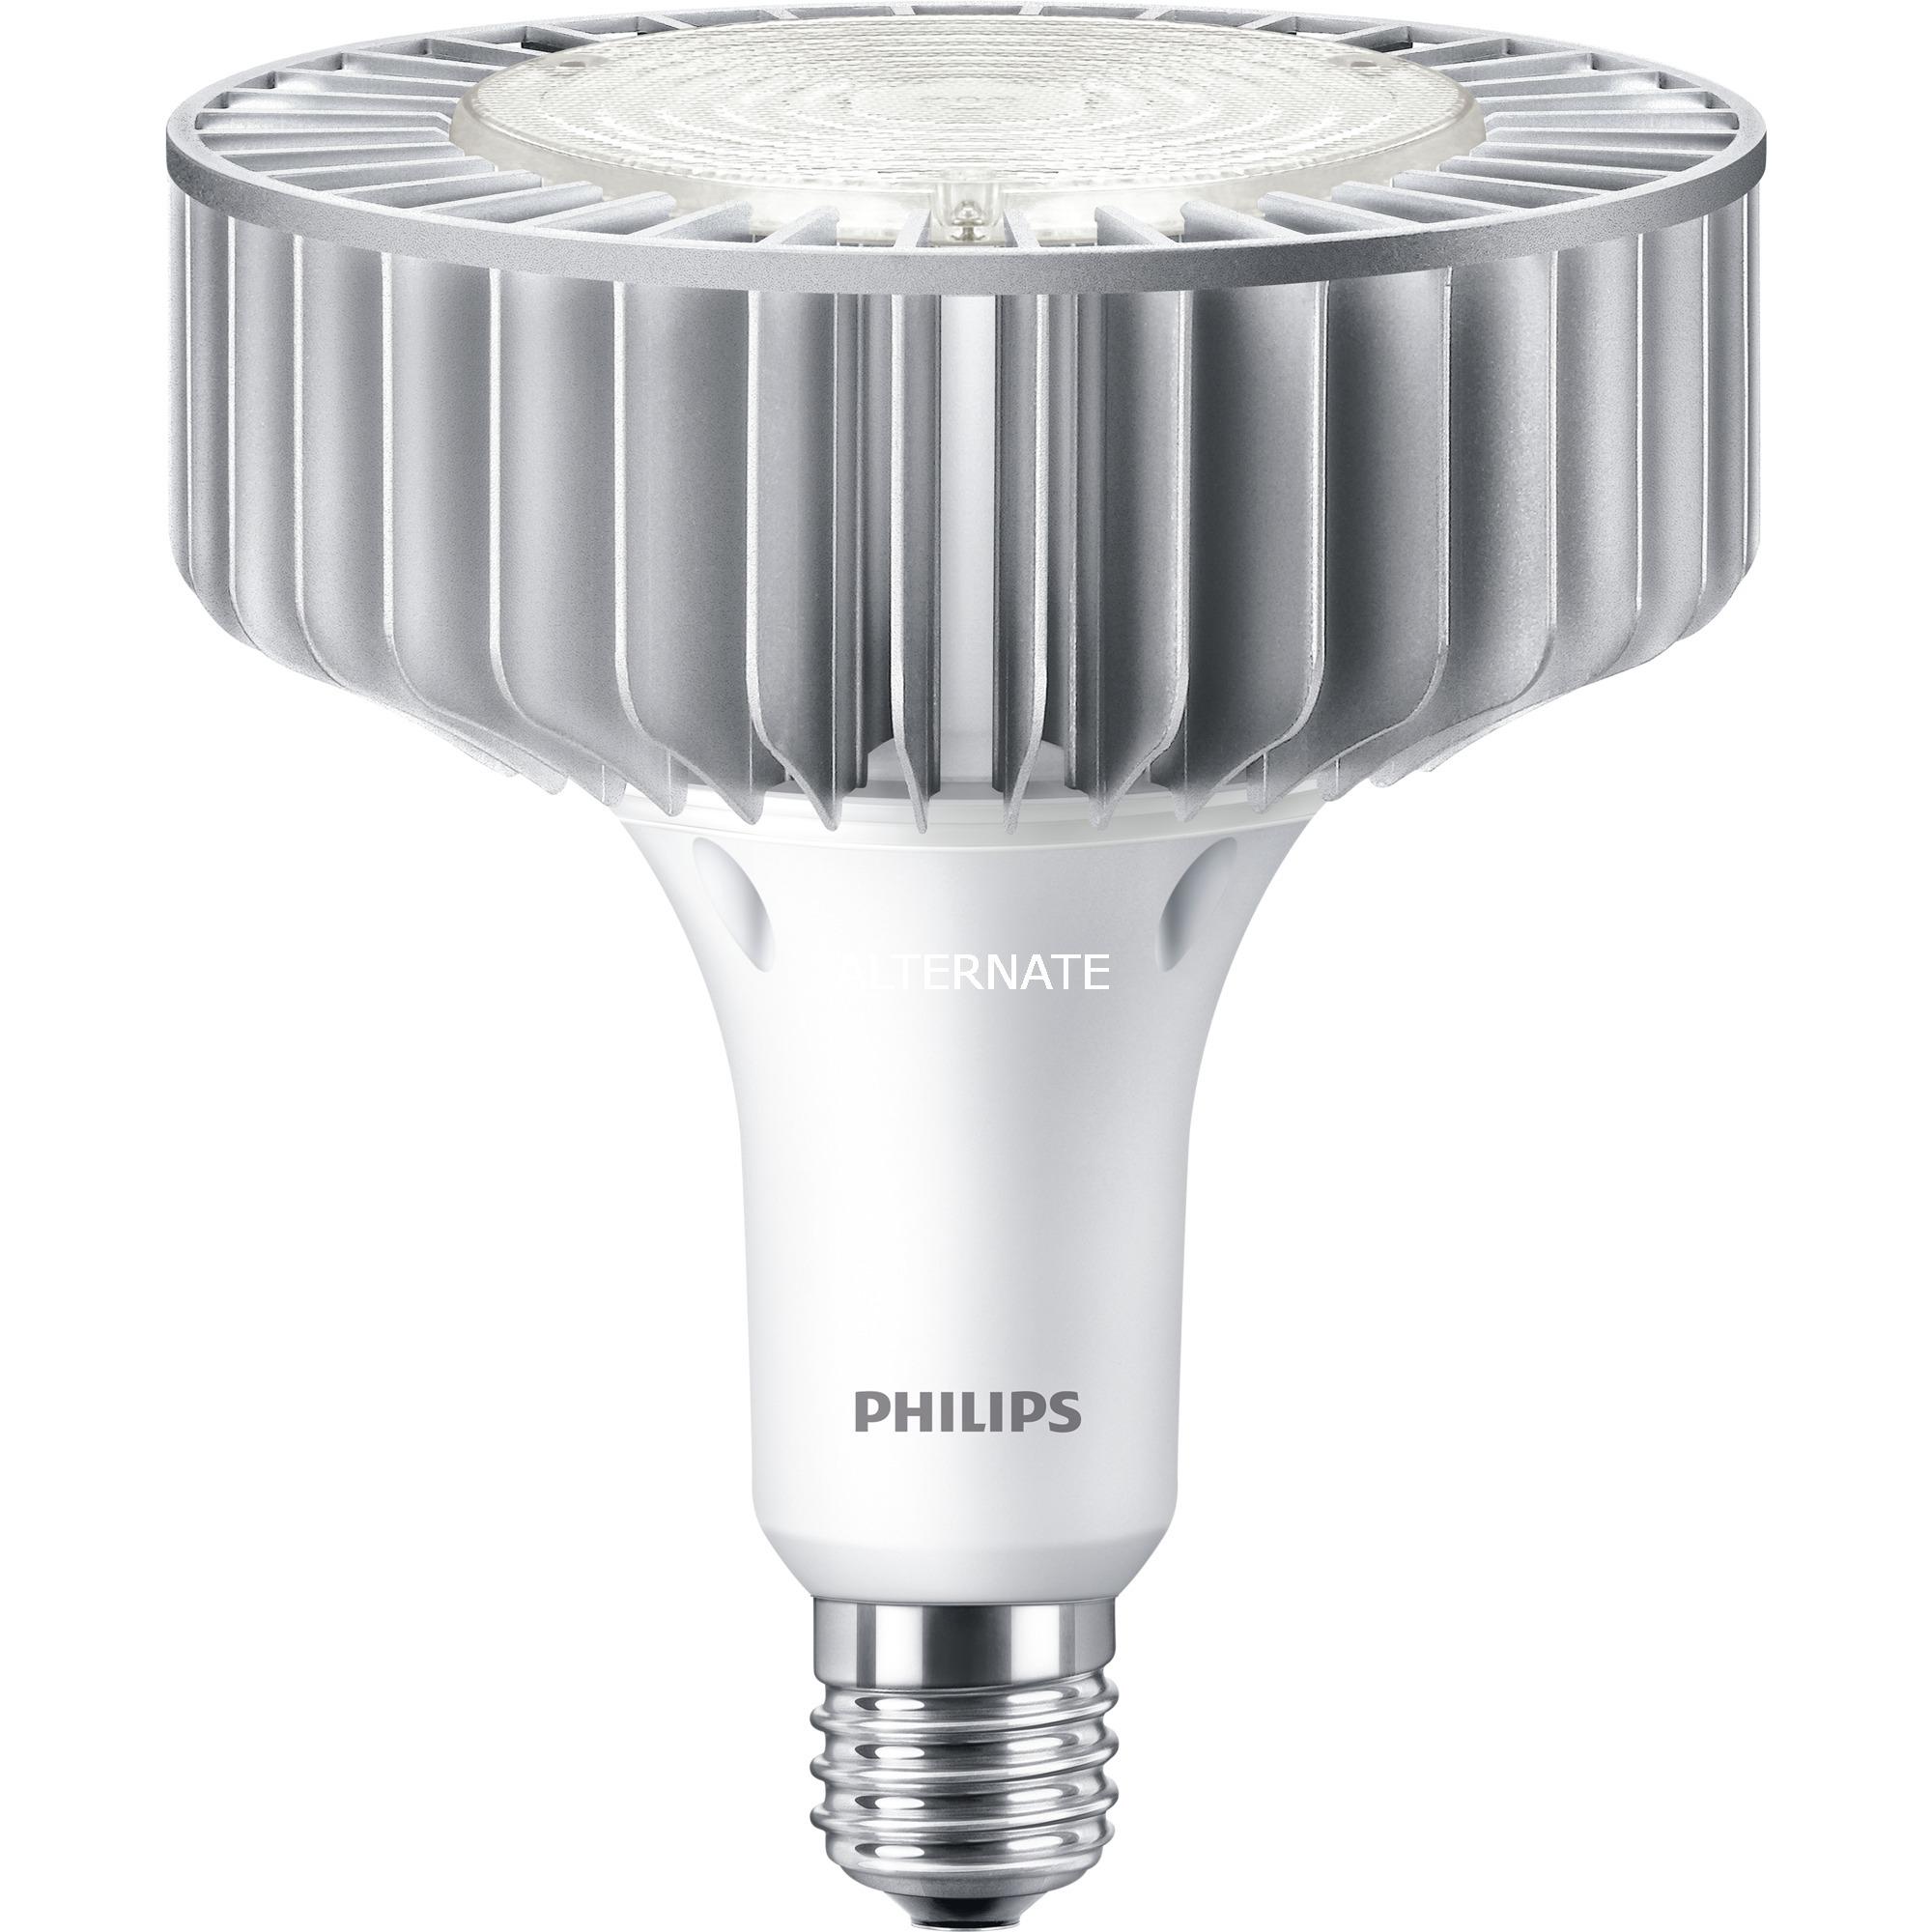 schaltzyklen led lampen mit vorschaltgeräten